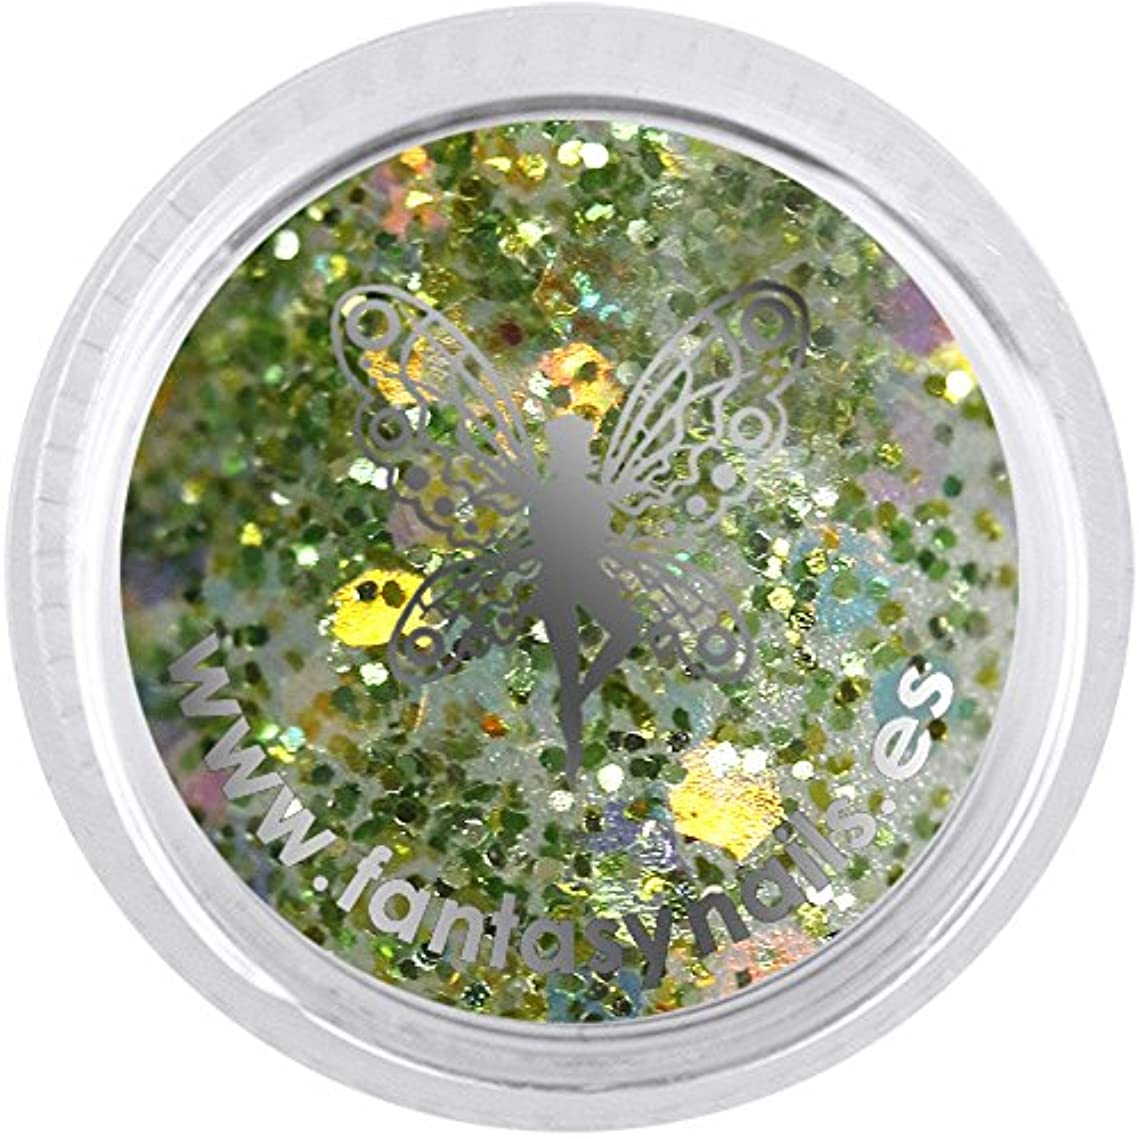 床を掃除する前提出血FANTASY NAIL トウキョウコレクション 3g 4226XS カラーパウダー アート材